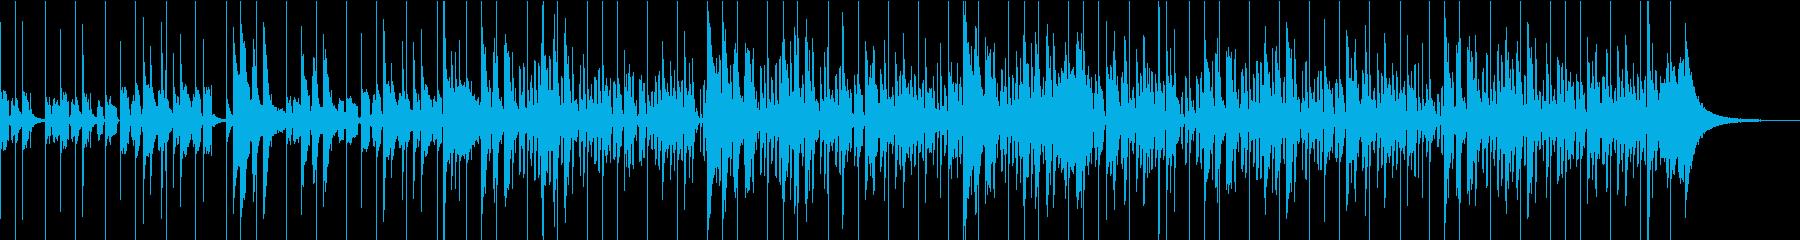 ストレートな8ドラムの感触でエスニ...の再生済みの波形